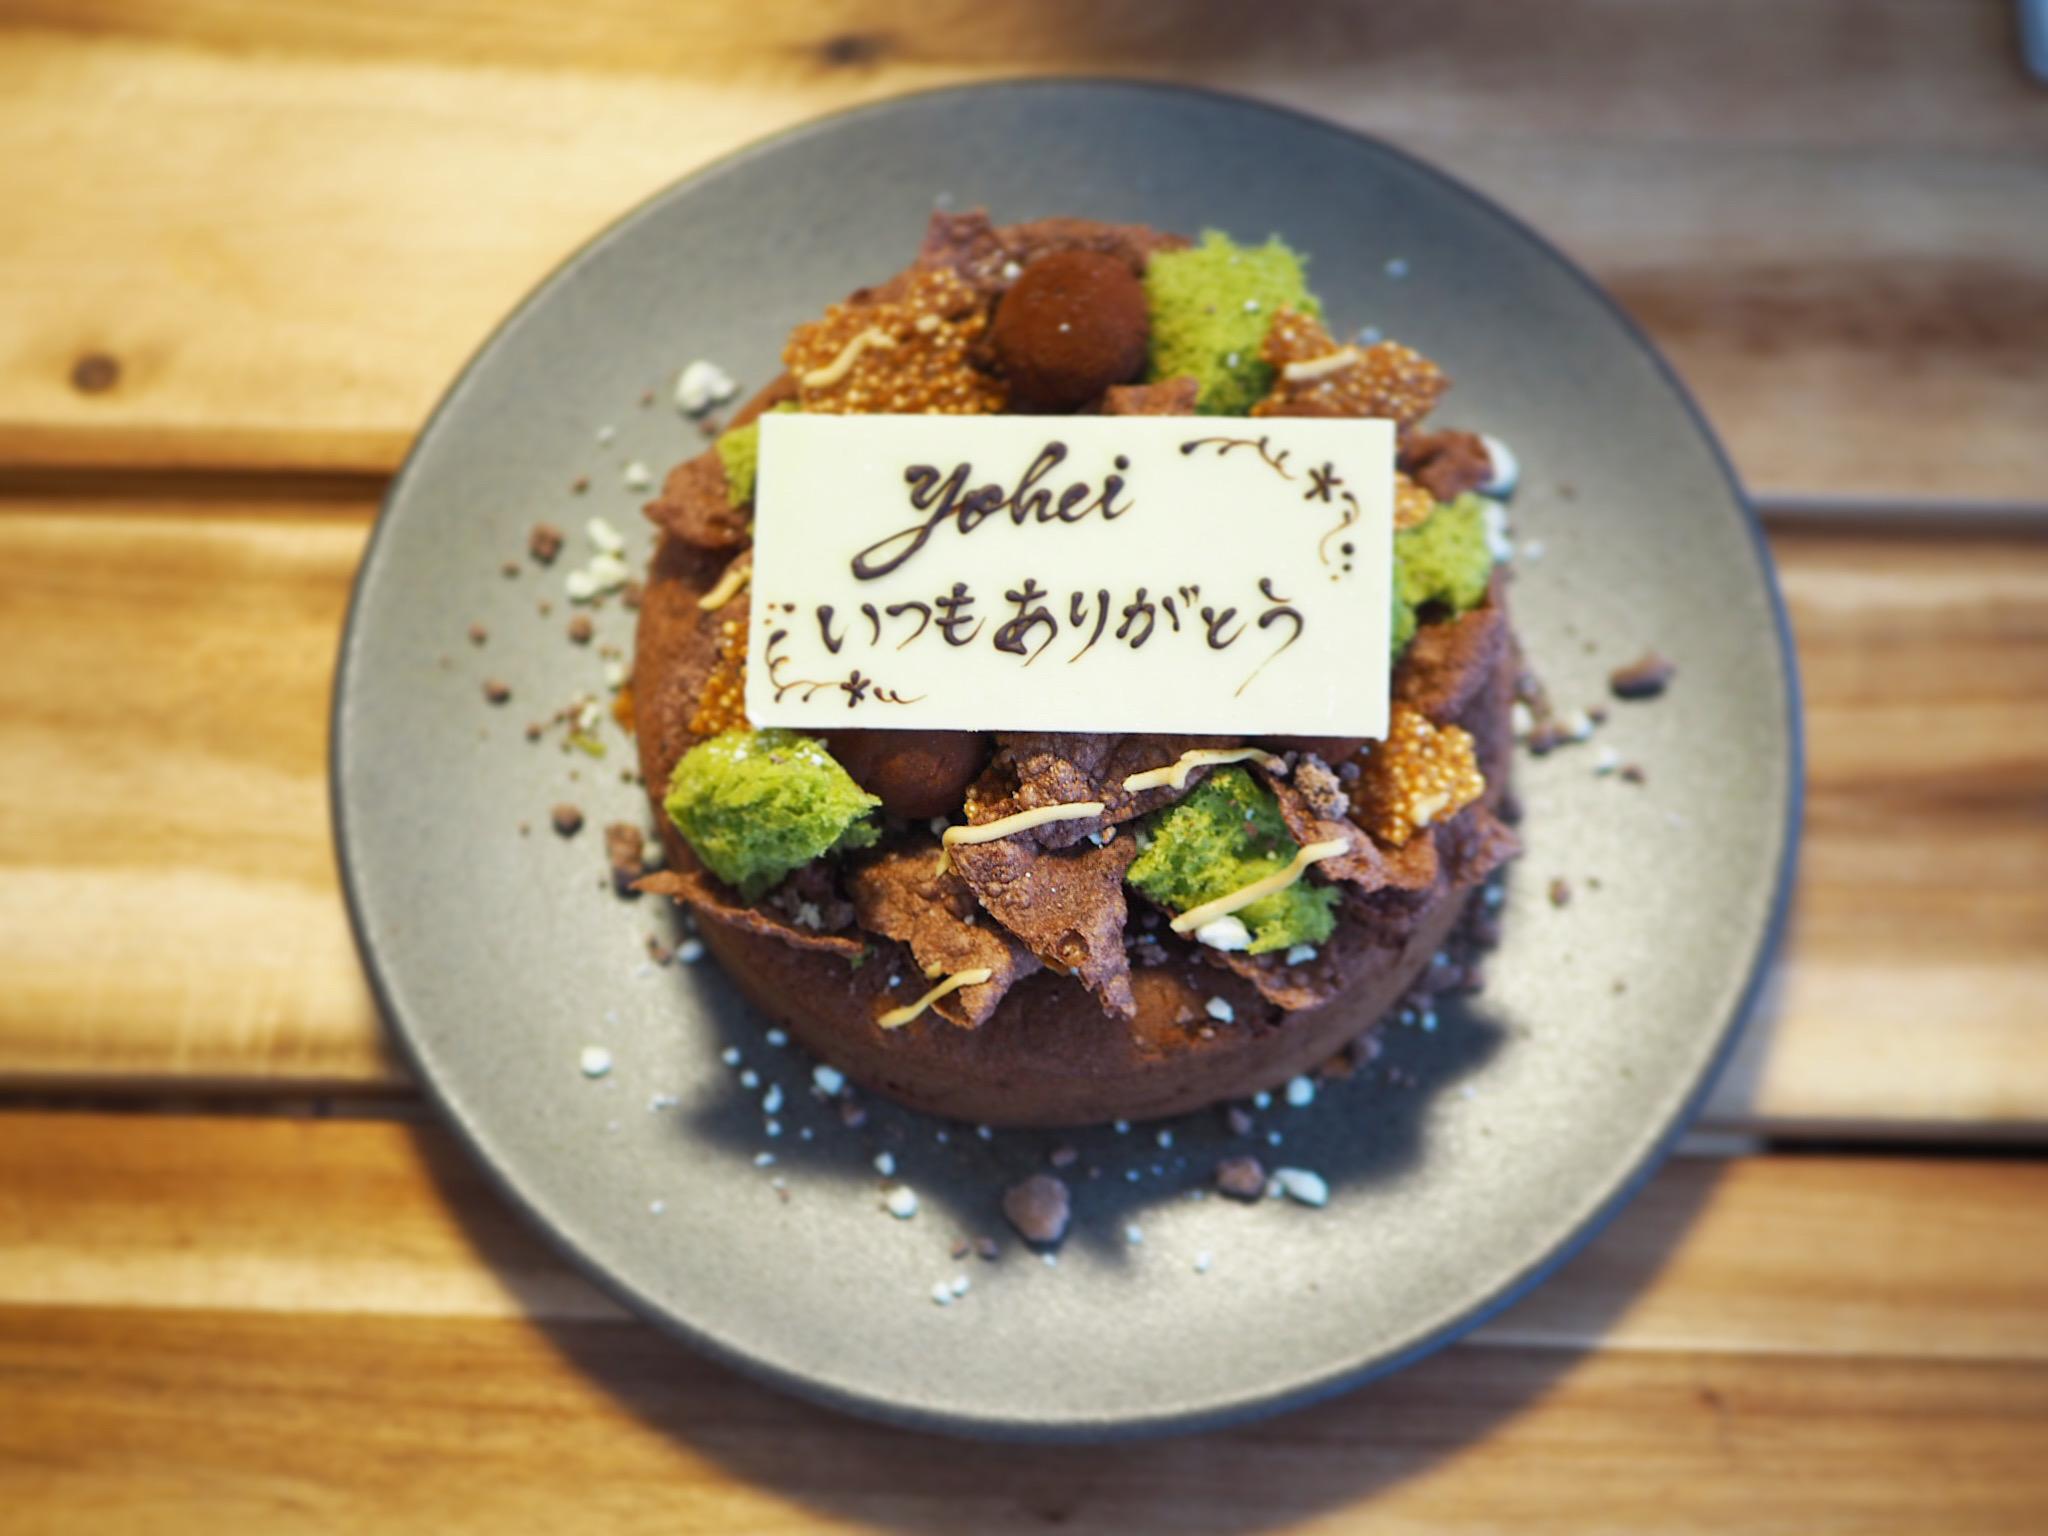 【#IWAIのお祝いご飯便】記念日におうちで本格コース料理!今だからこそのお祝いの時間♡_2